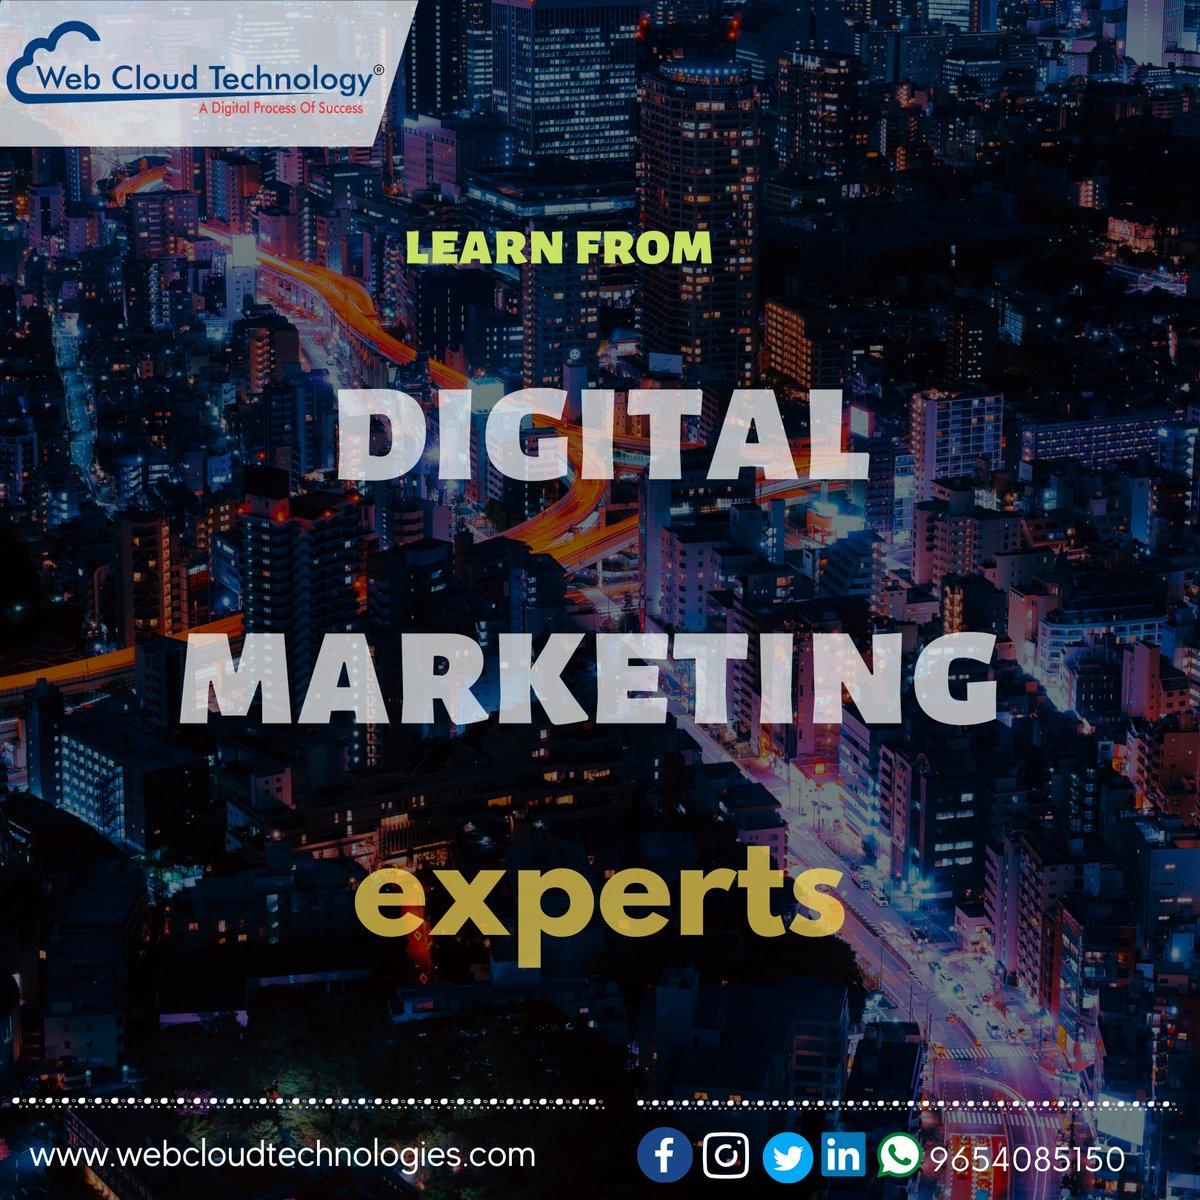 LEARN FROM EXPERTS  EARN LIKE EXPERT 😎  #startup #business #entrepreneur #marketing #entrepreneurship #smallbusiness #success #motivation #digitalmarketing #marketing #socialmediamarketing #socialmedia #business #marketingdigital #seo #branding #meme #funny #game #covid19 #wct https://t.co/nsr1cf1mOu